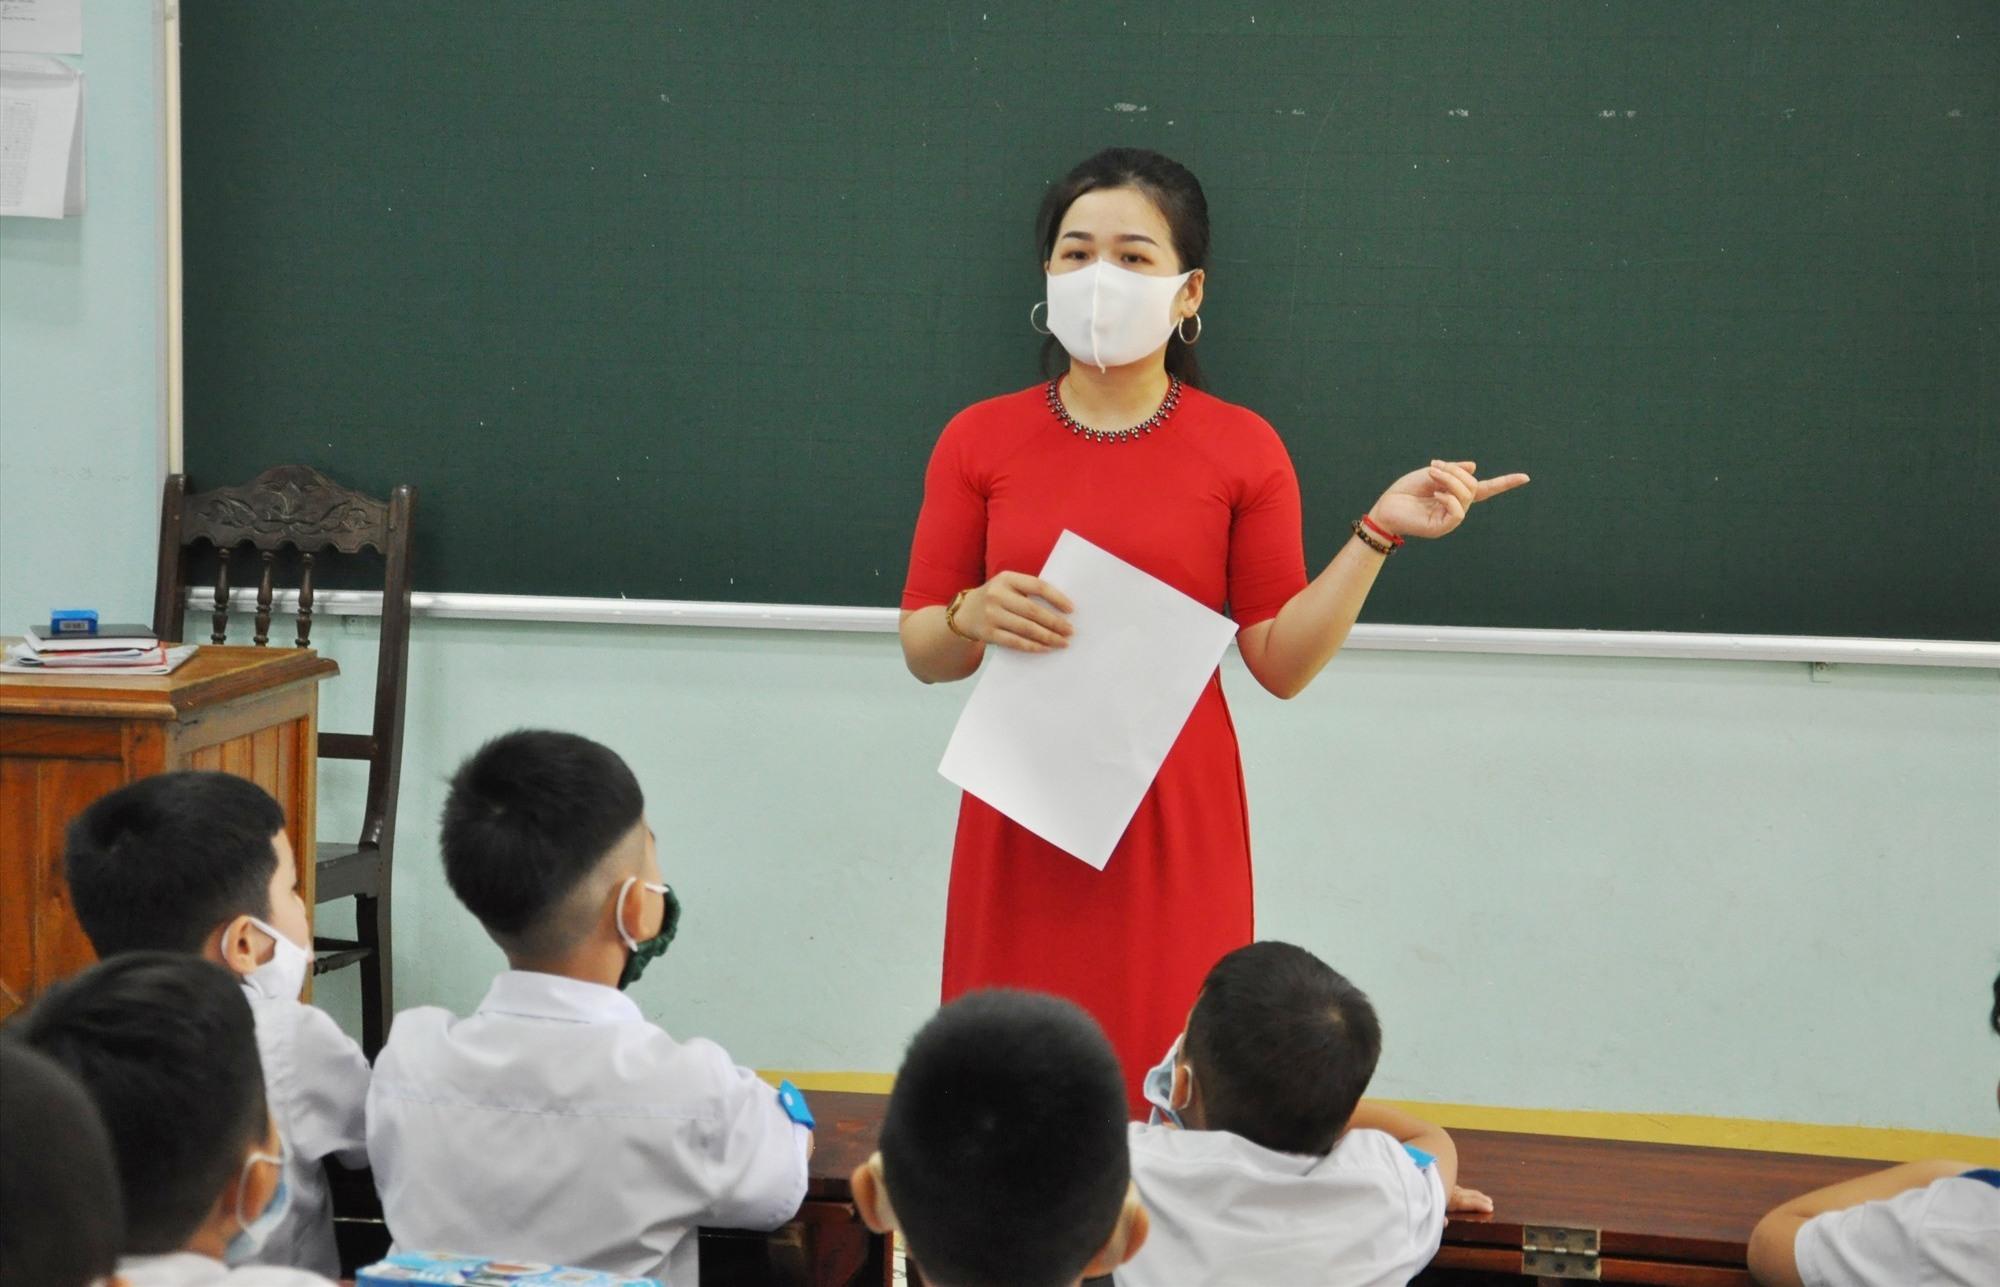 Giáo viên dành thời gian đầu buổi học để hướng dẫn cách phòng tránh dịch cho HS. Ảnh: X.P